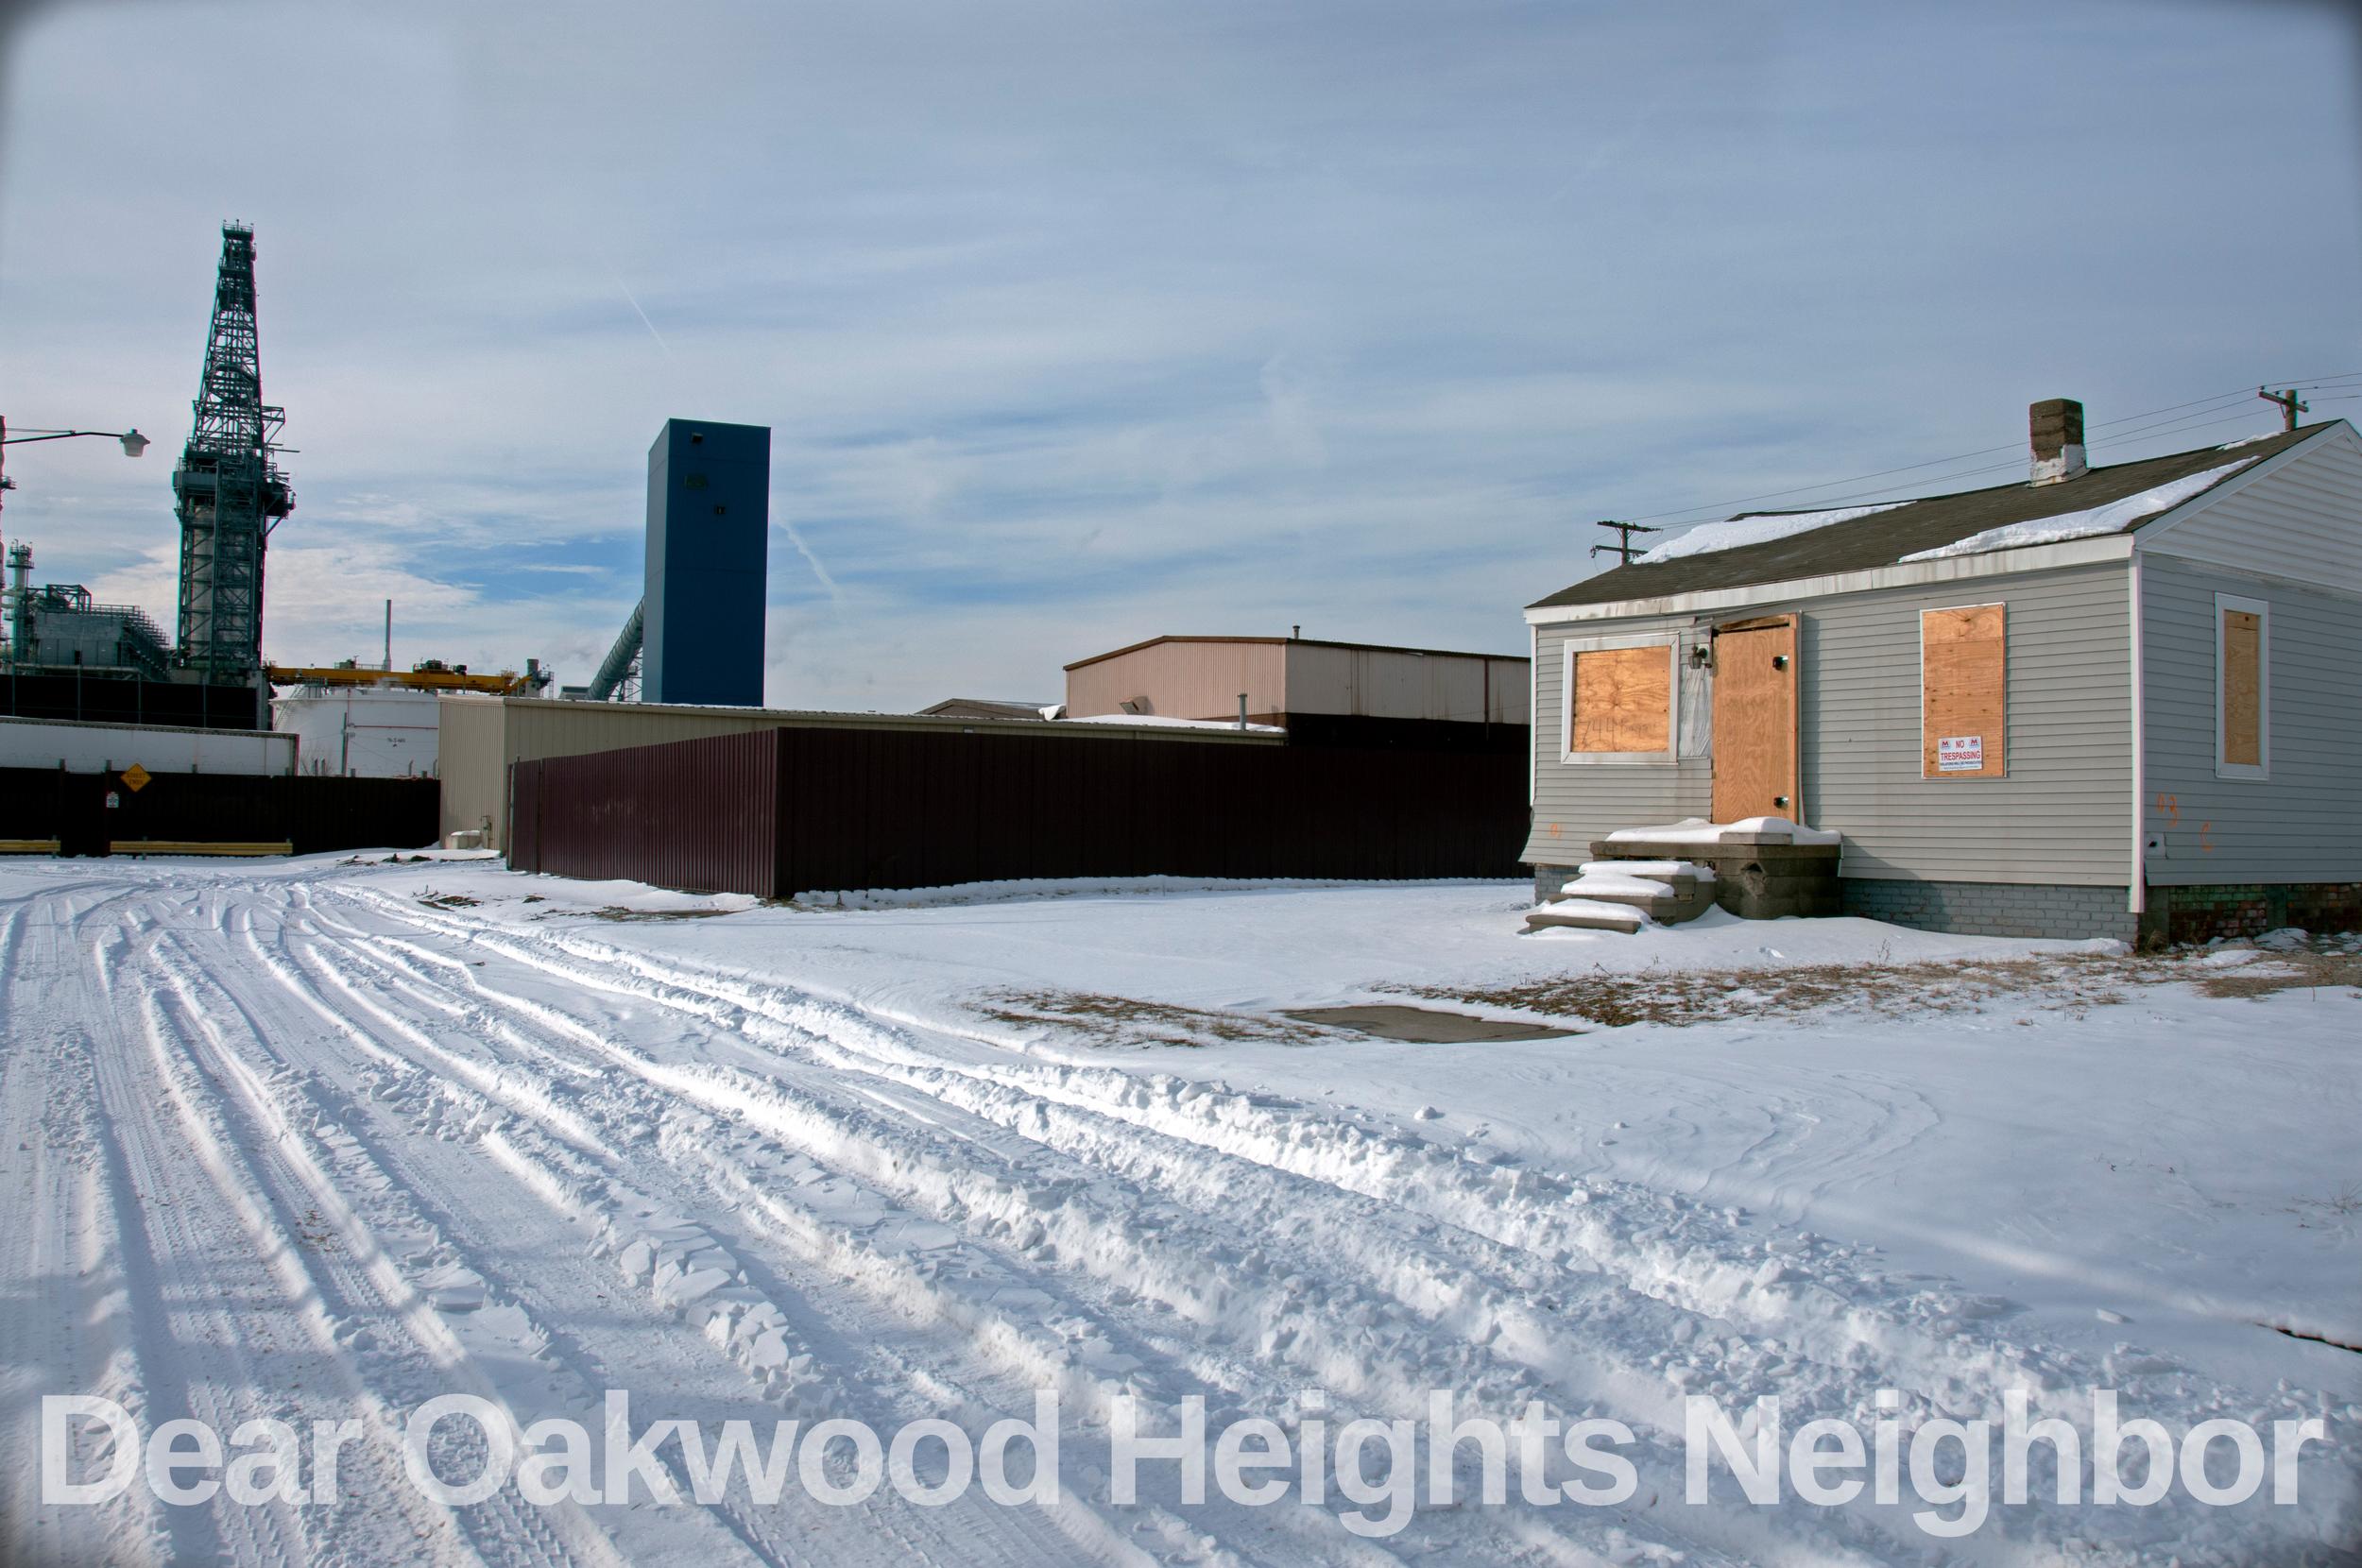 16-small+house-dear+neighbor-3578944622-O.jpg